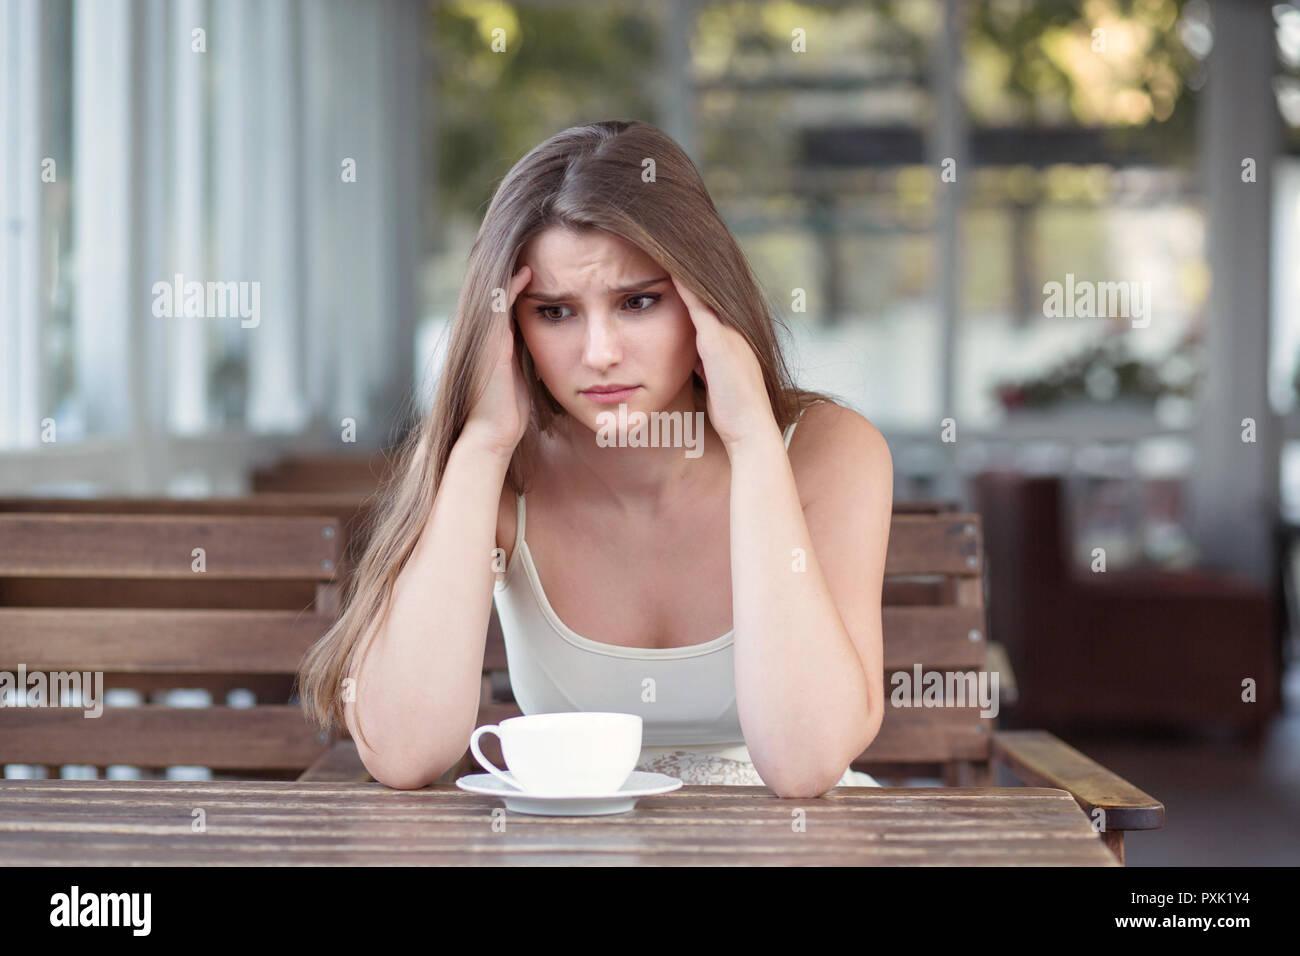 Triste et déprimé femme seule dans un bar isolé après une rupture Photo Stock